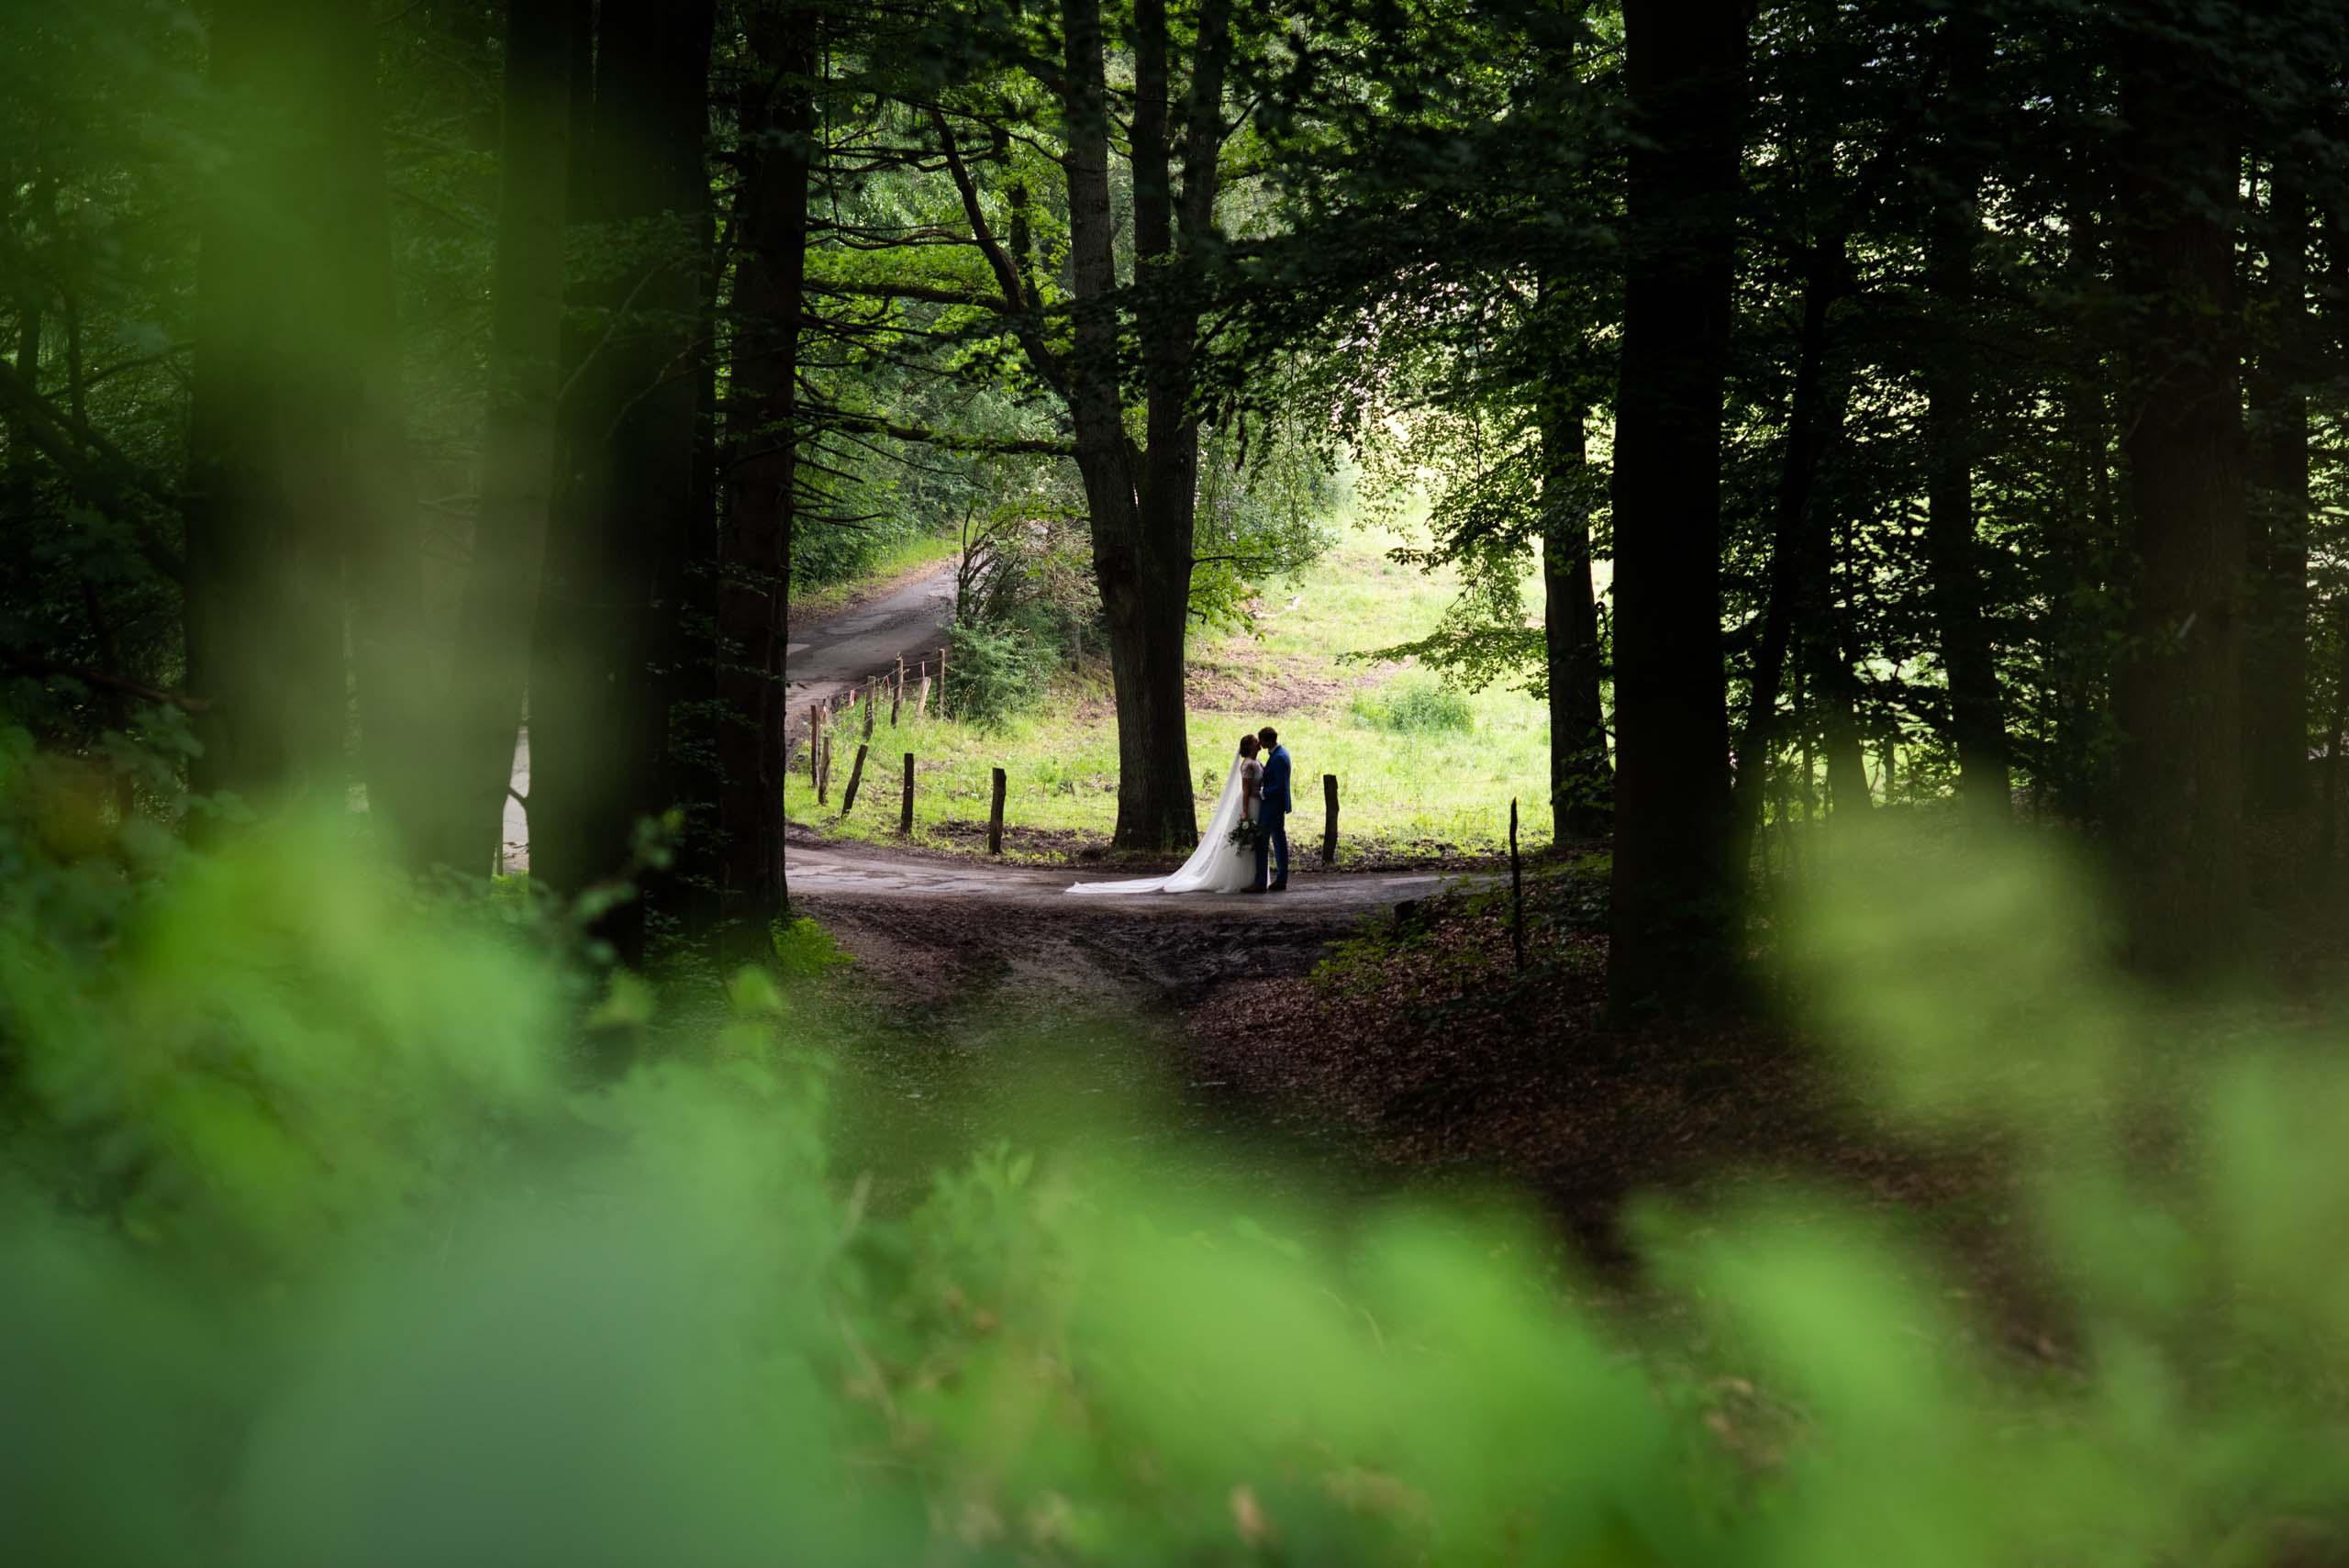 Fotoshoot bruiloft ardennen, in de bossen